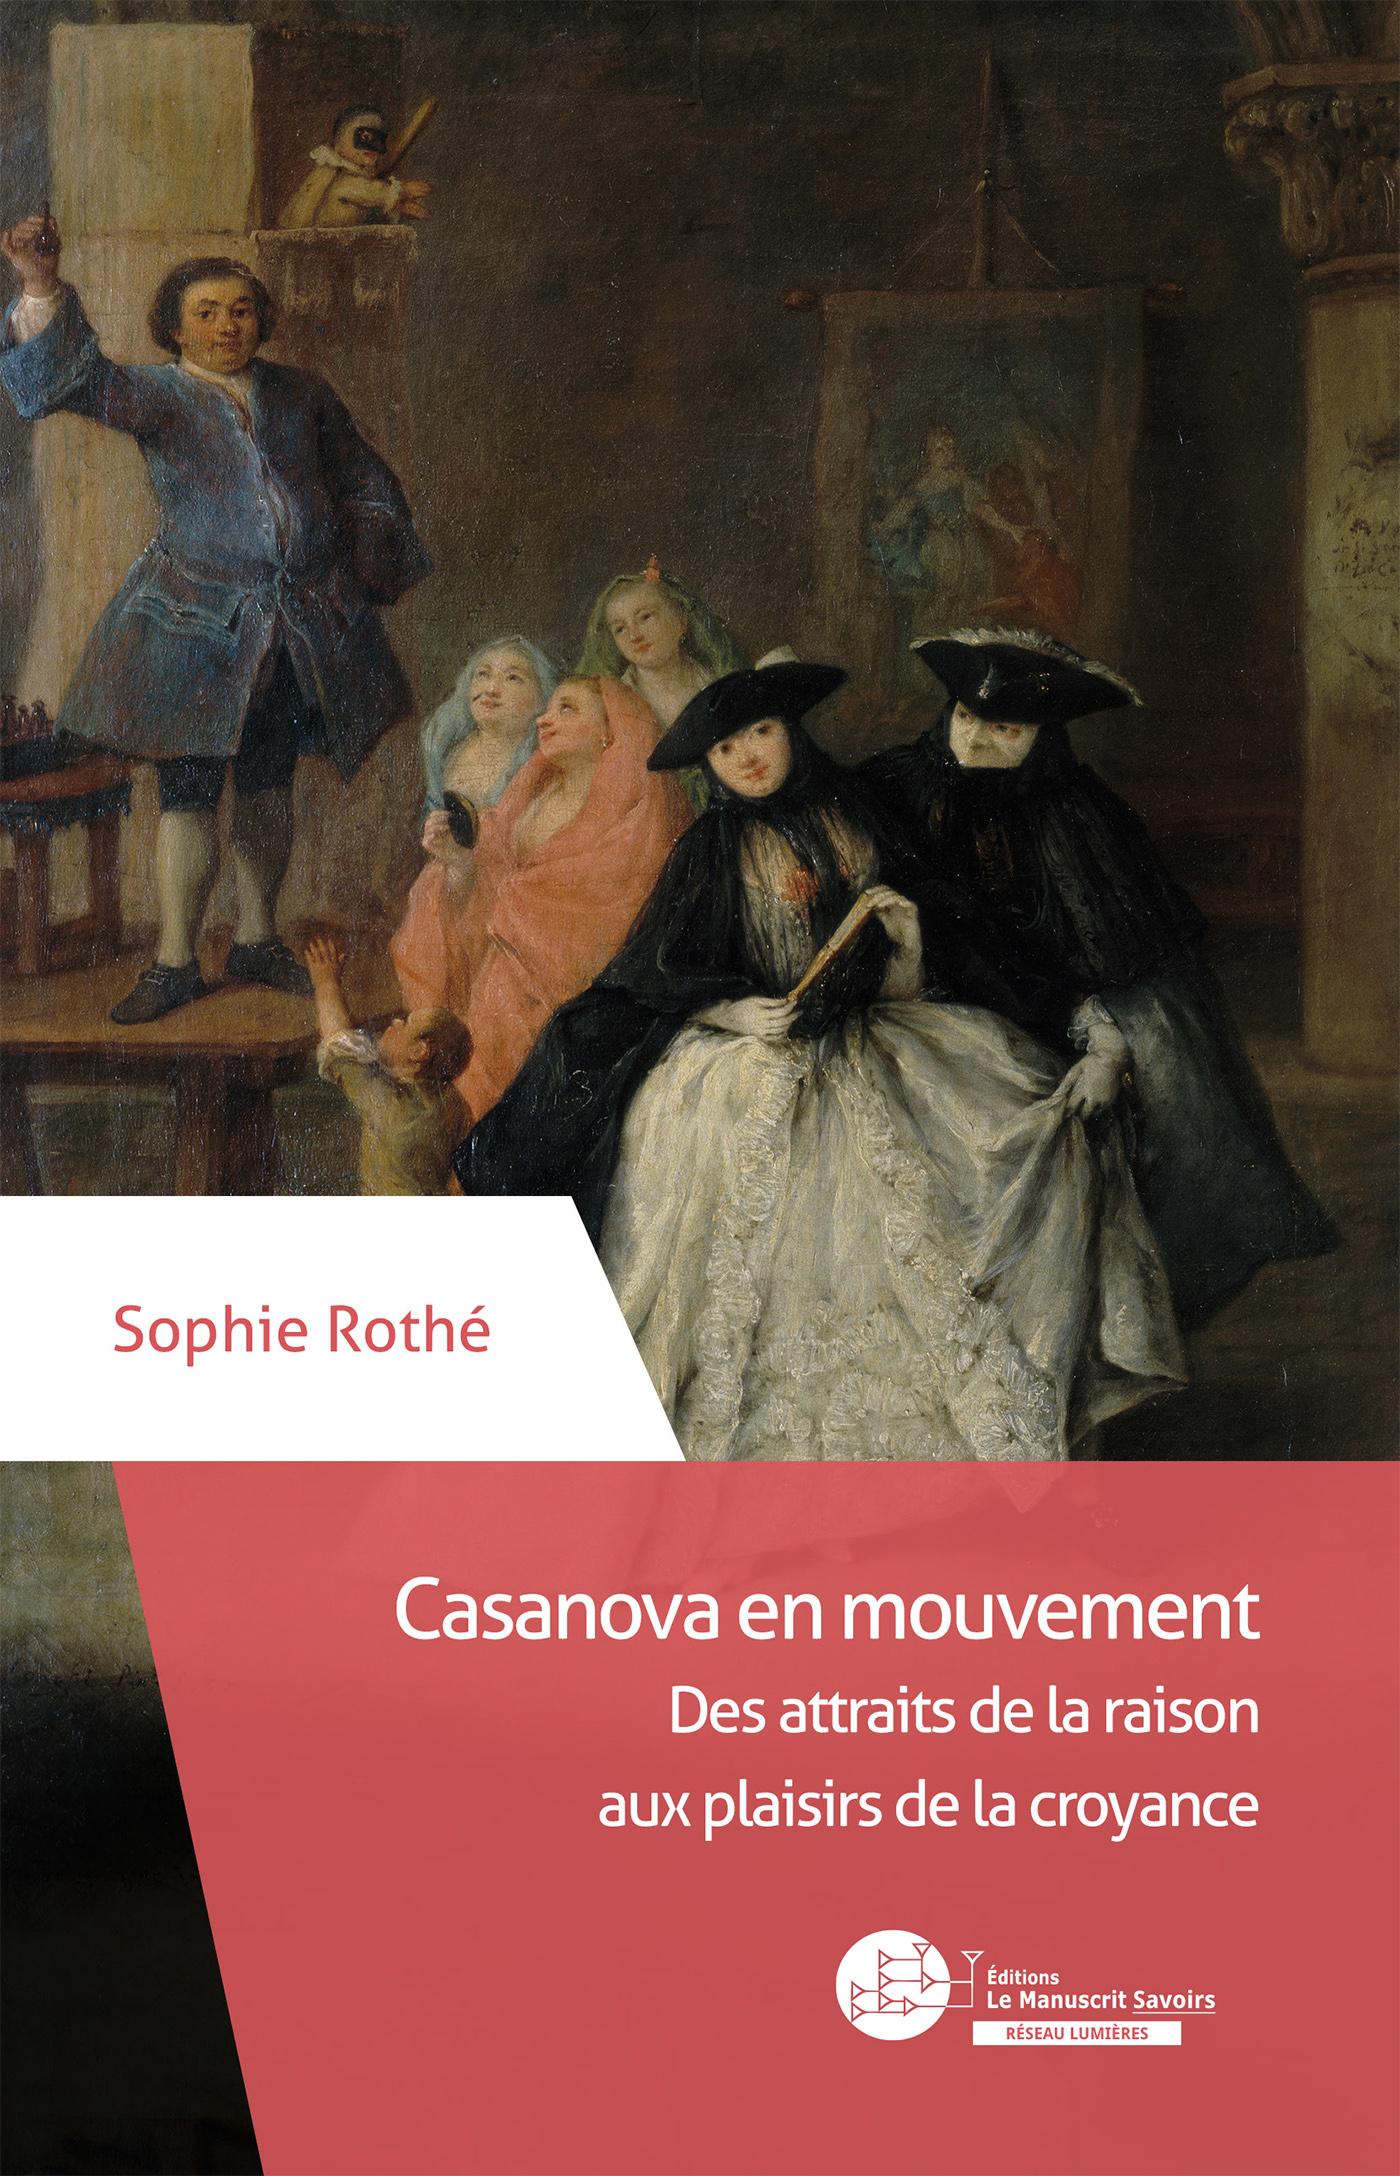 S. Rothé, Casanova en mouvement. Des attraits de la raison aux plaisirs de la croyance.